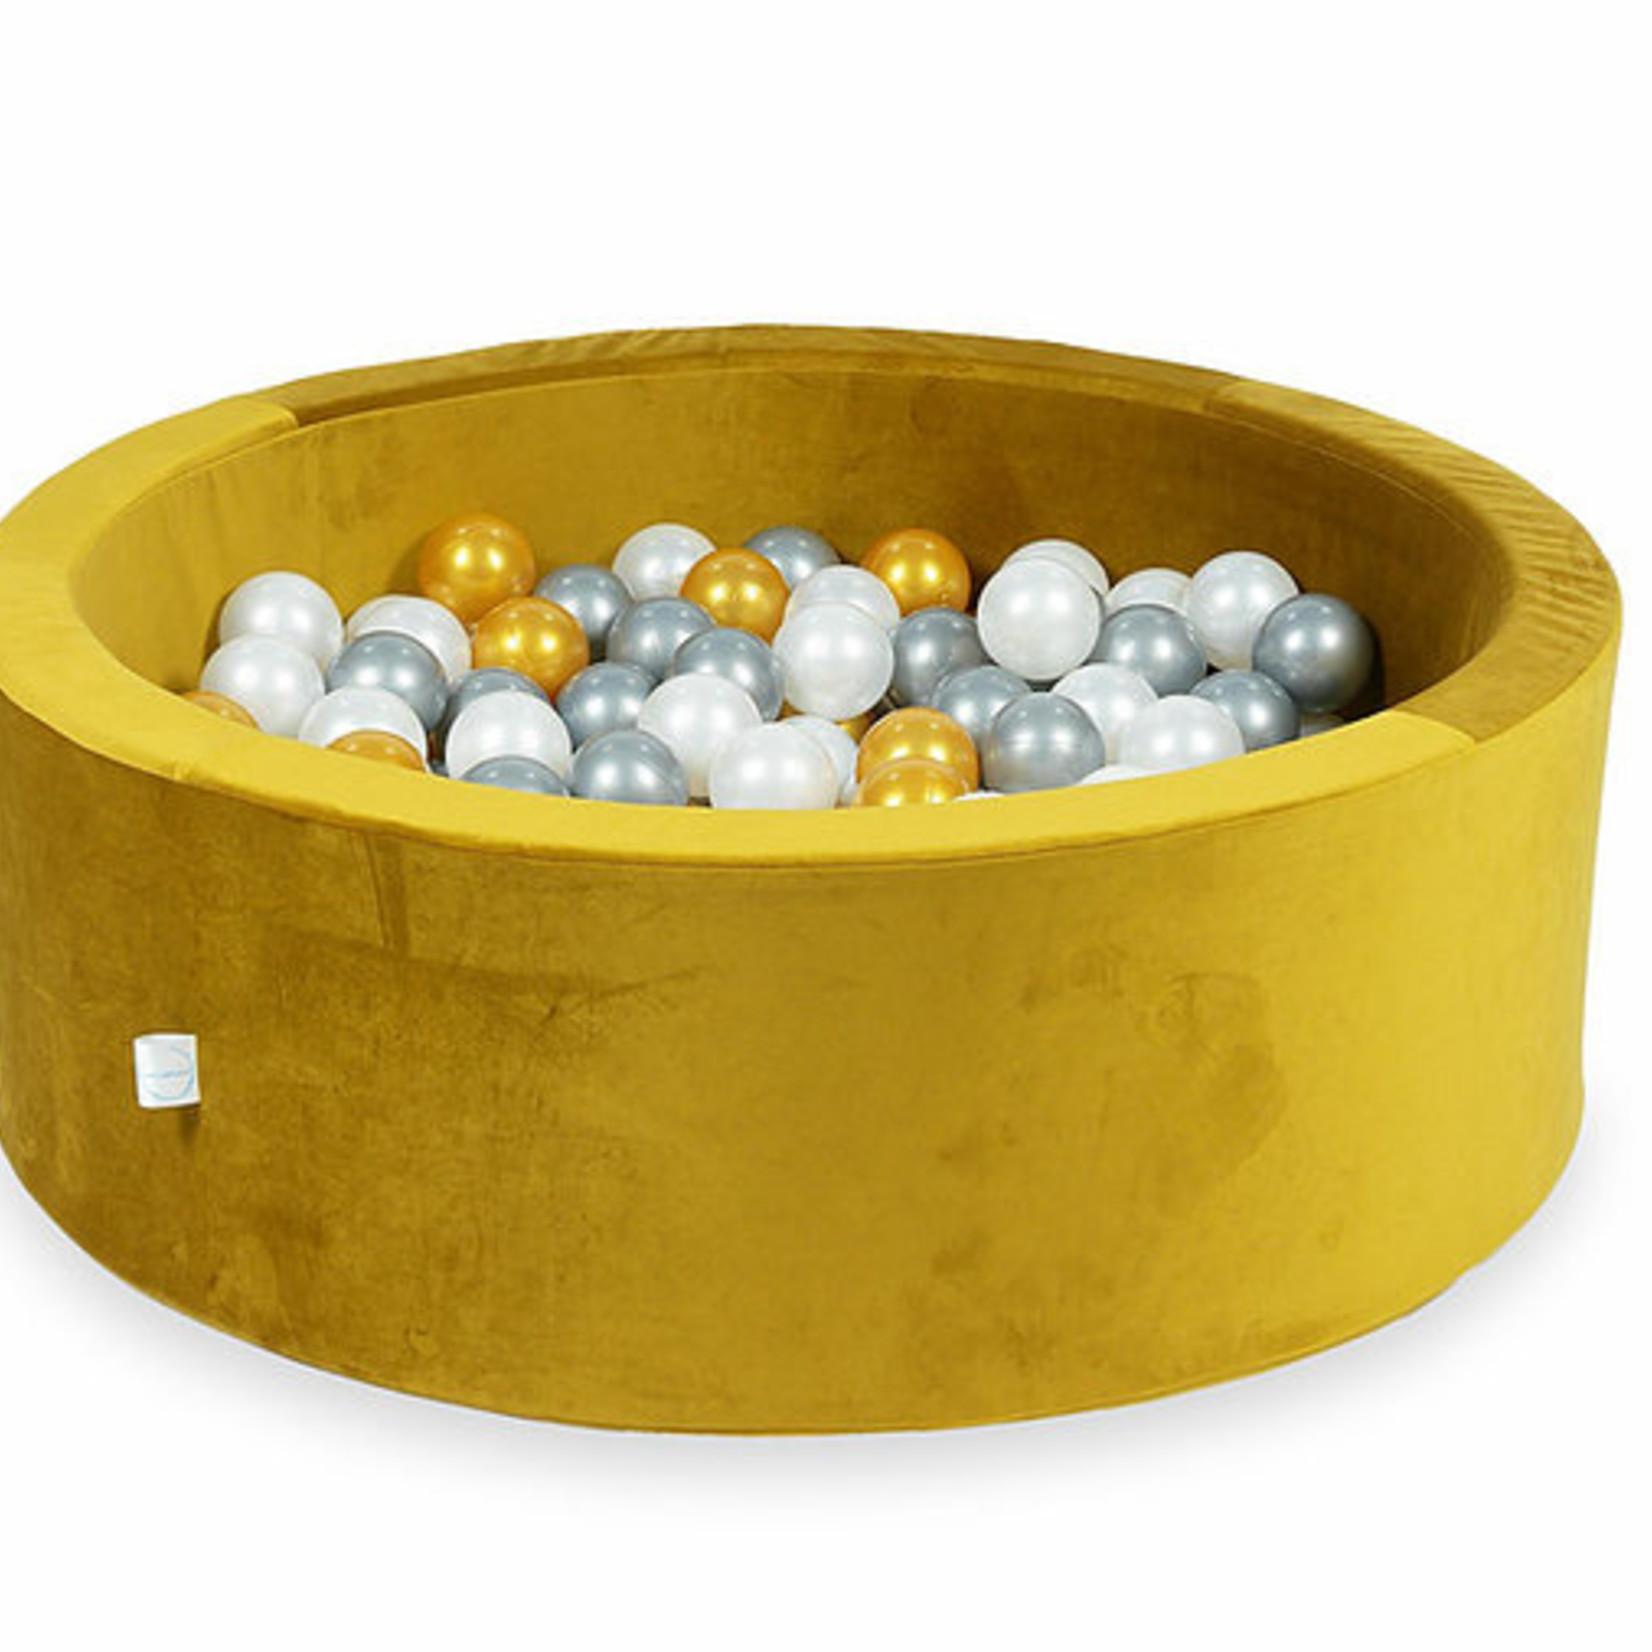 Moje. Moje. Ballenbad velvet goud